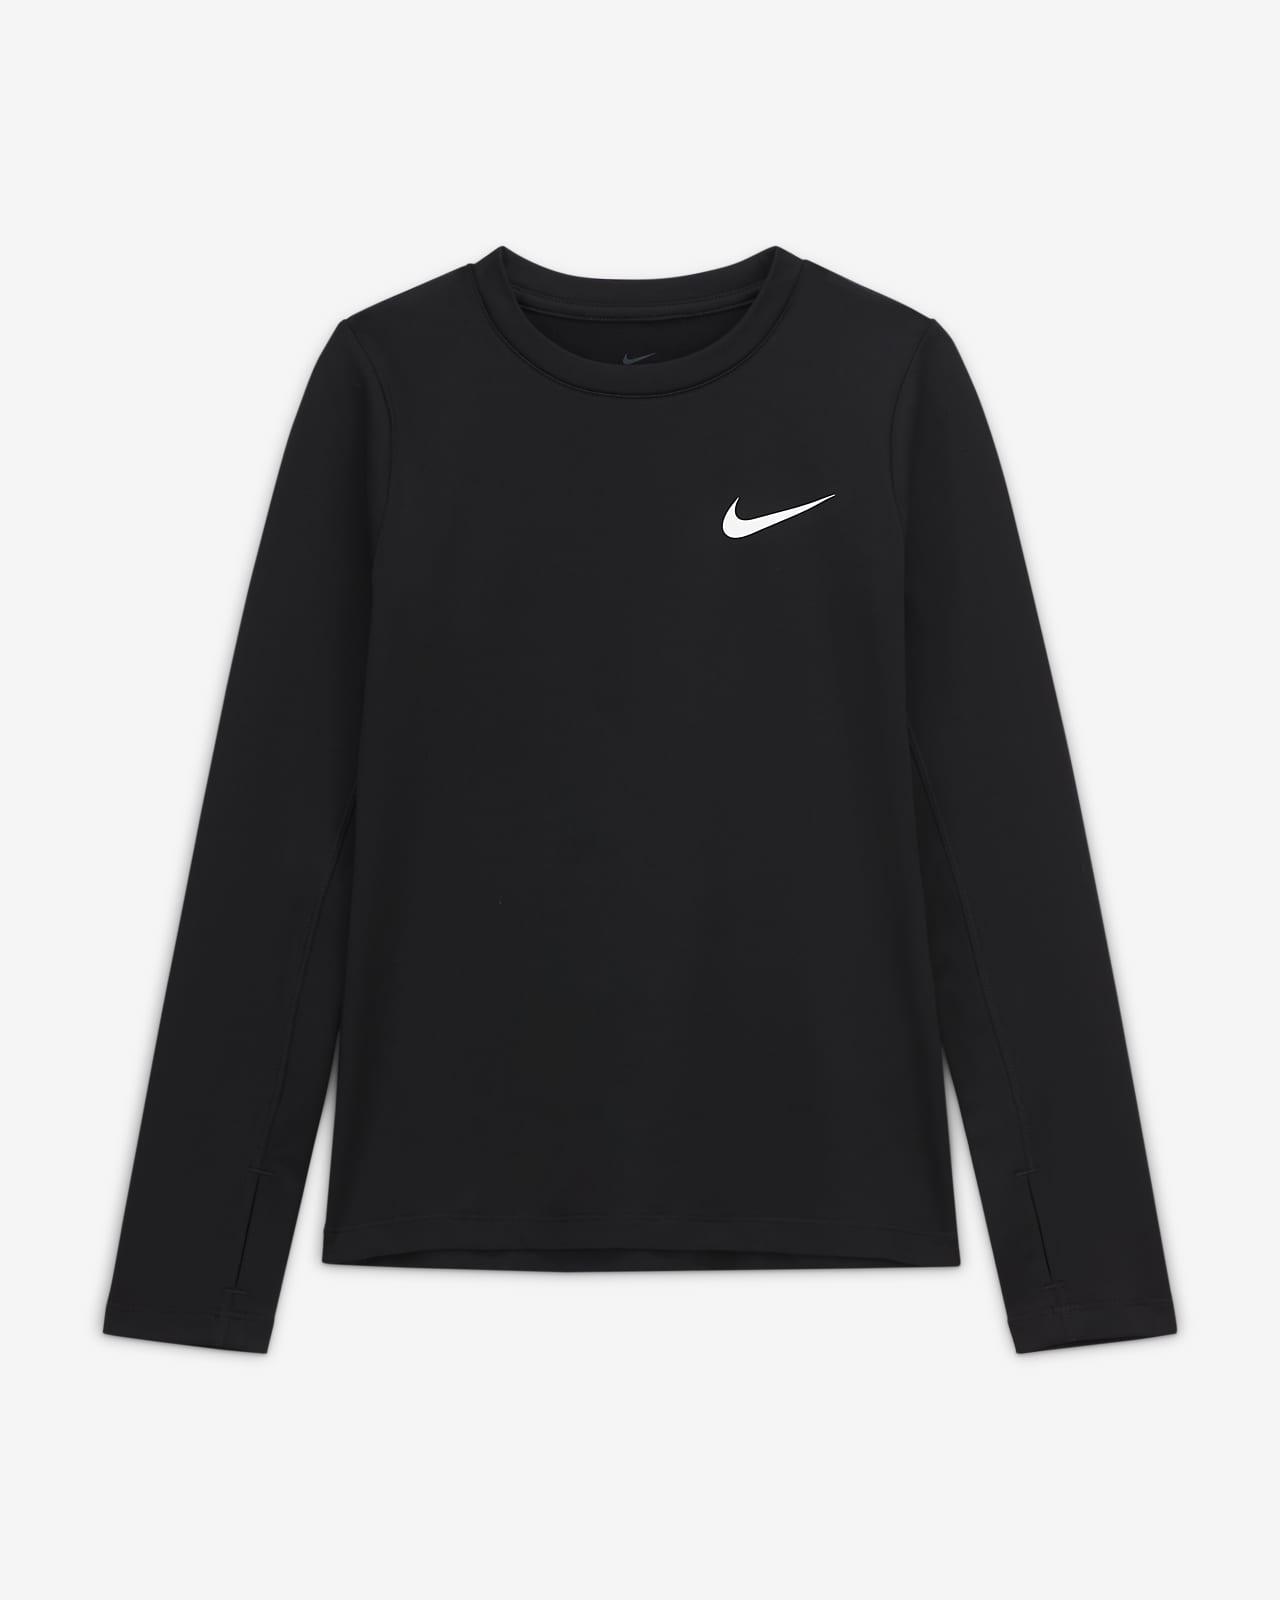 Haut à manches longues Nike Pro Warm pour Fille plus âgée